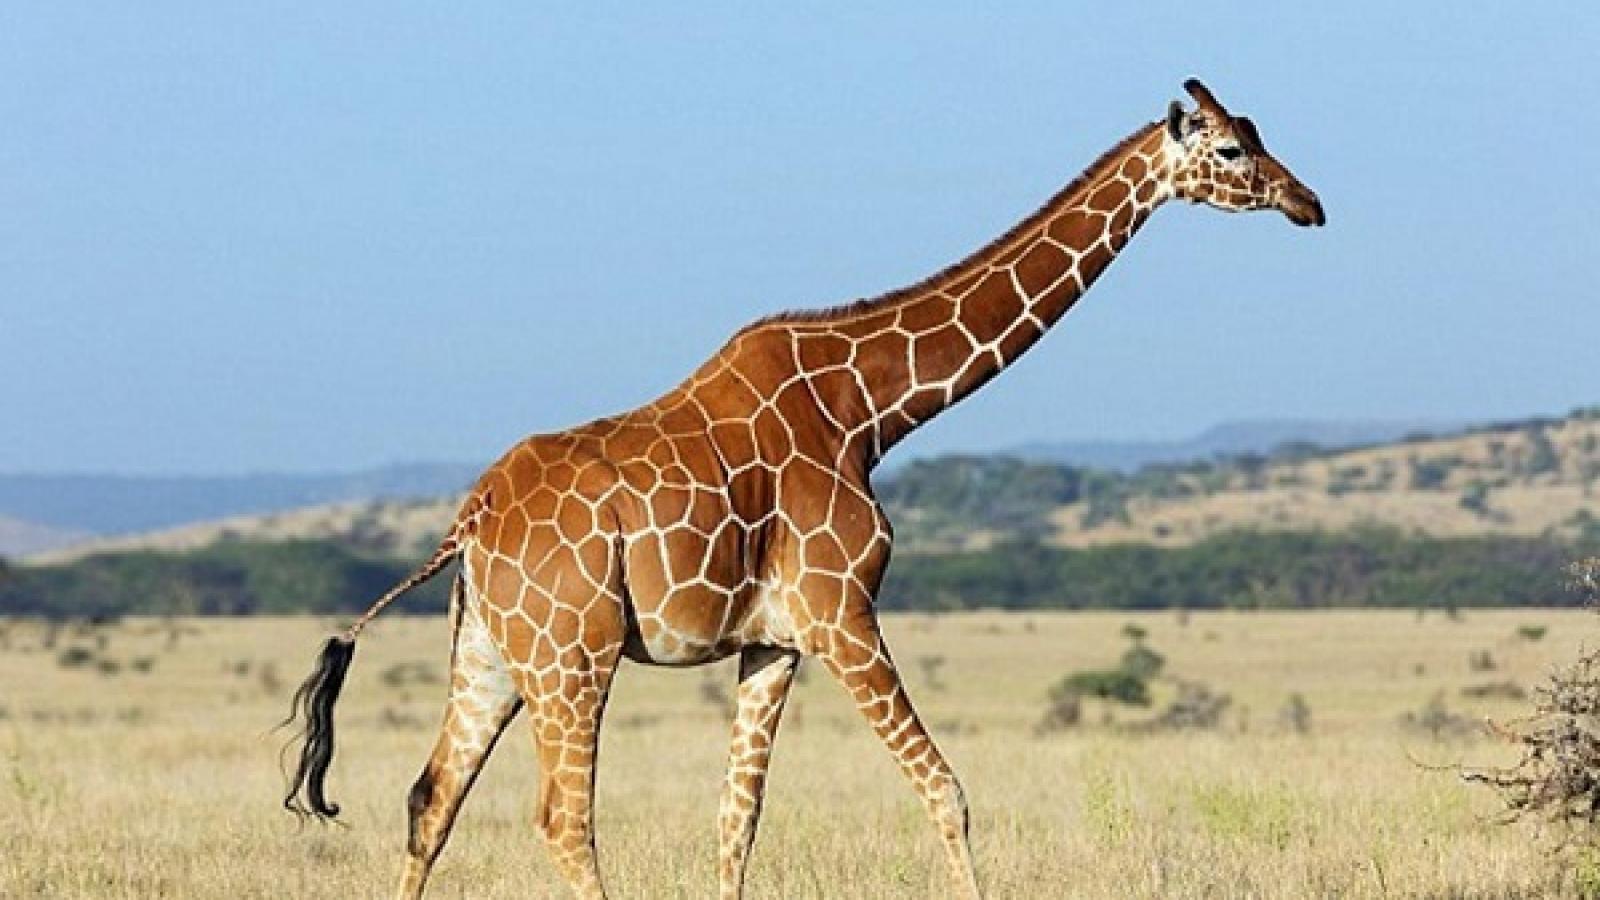 why do giraffes have long necks